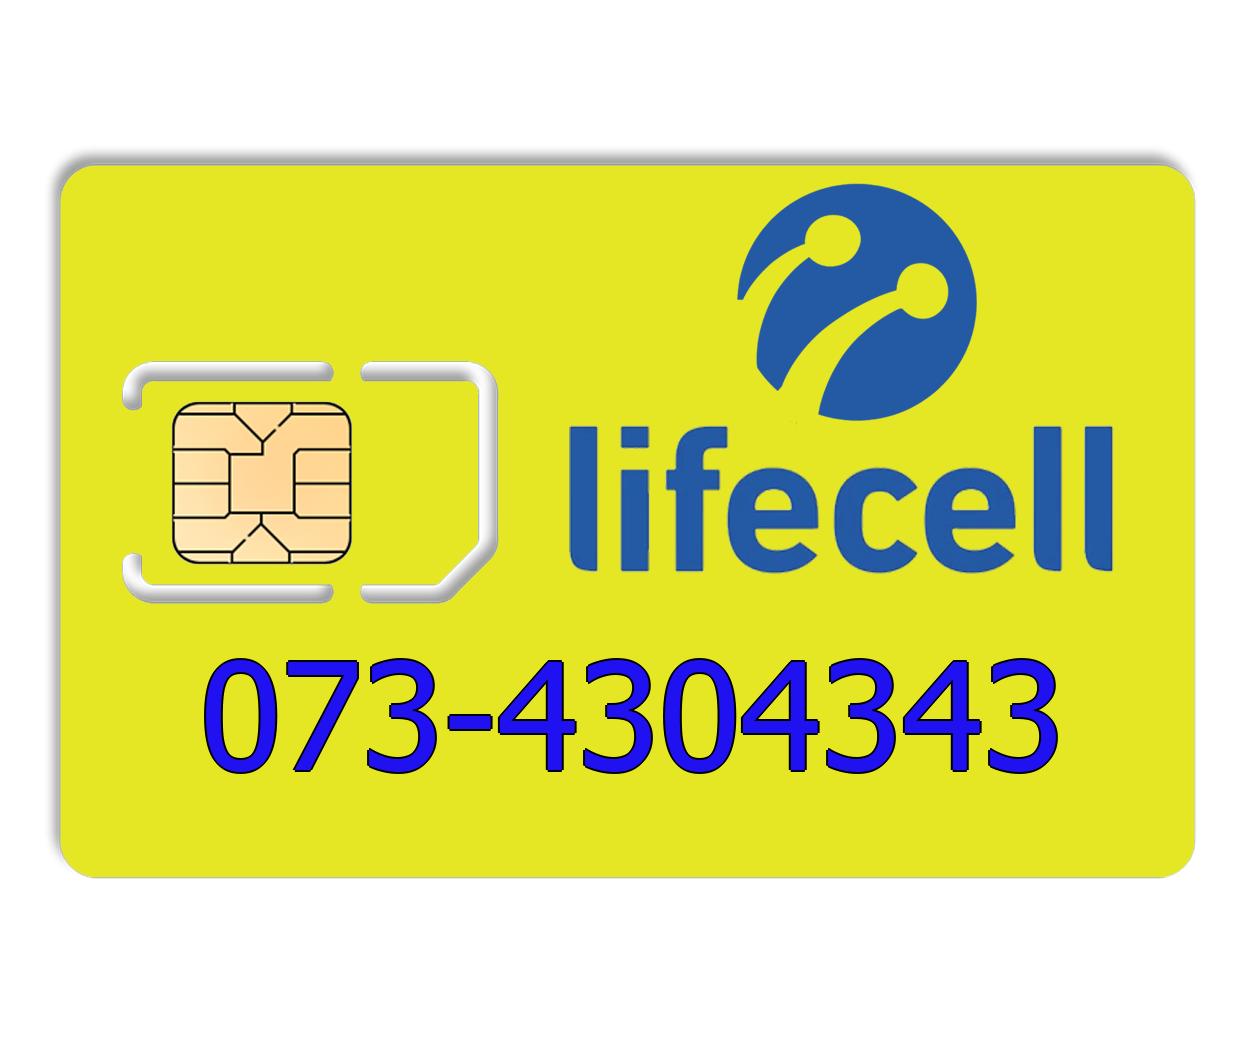 Красивый номер lifecell 073-4304343